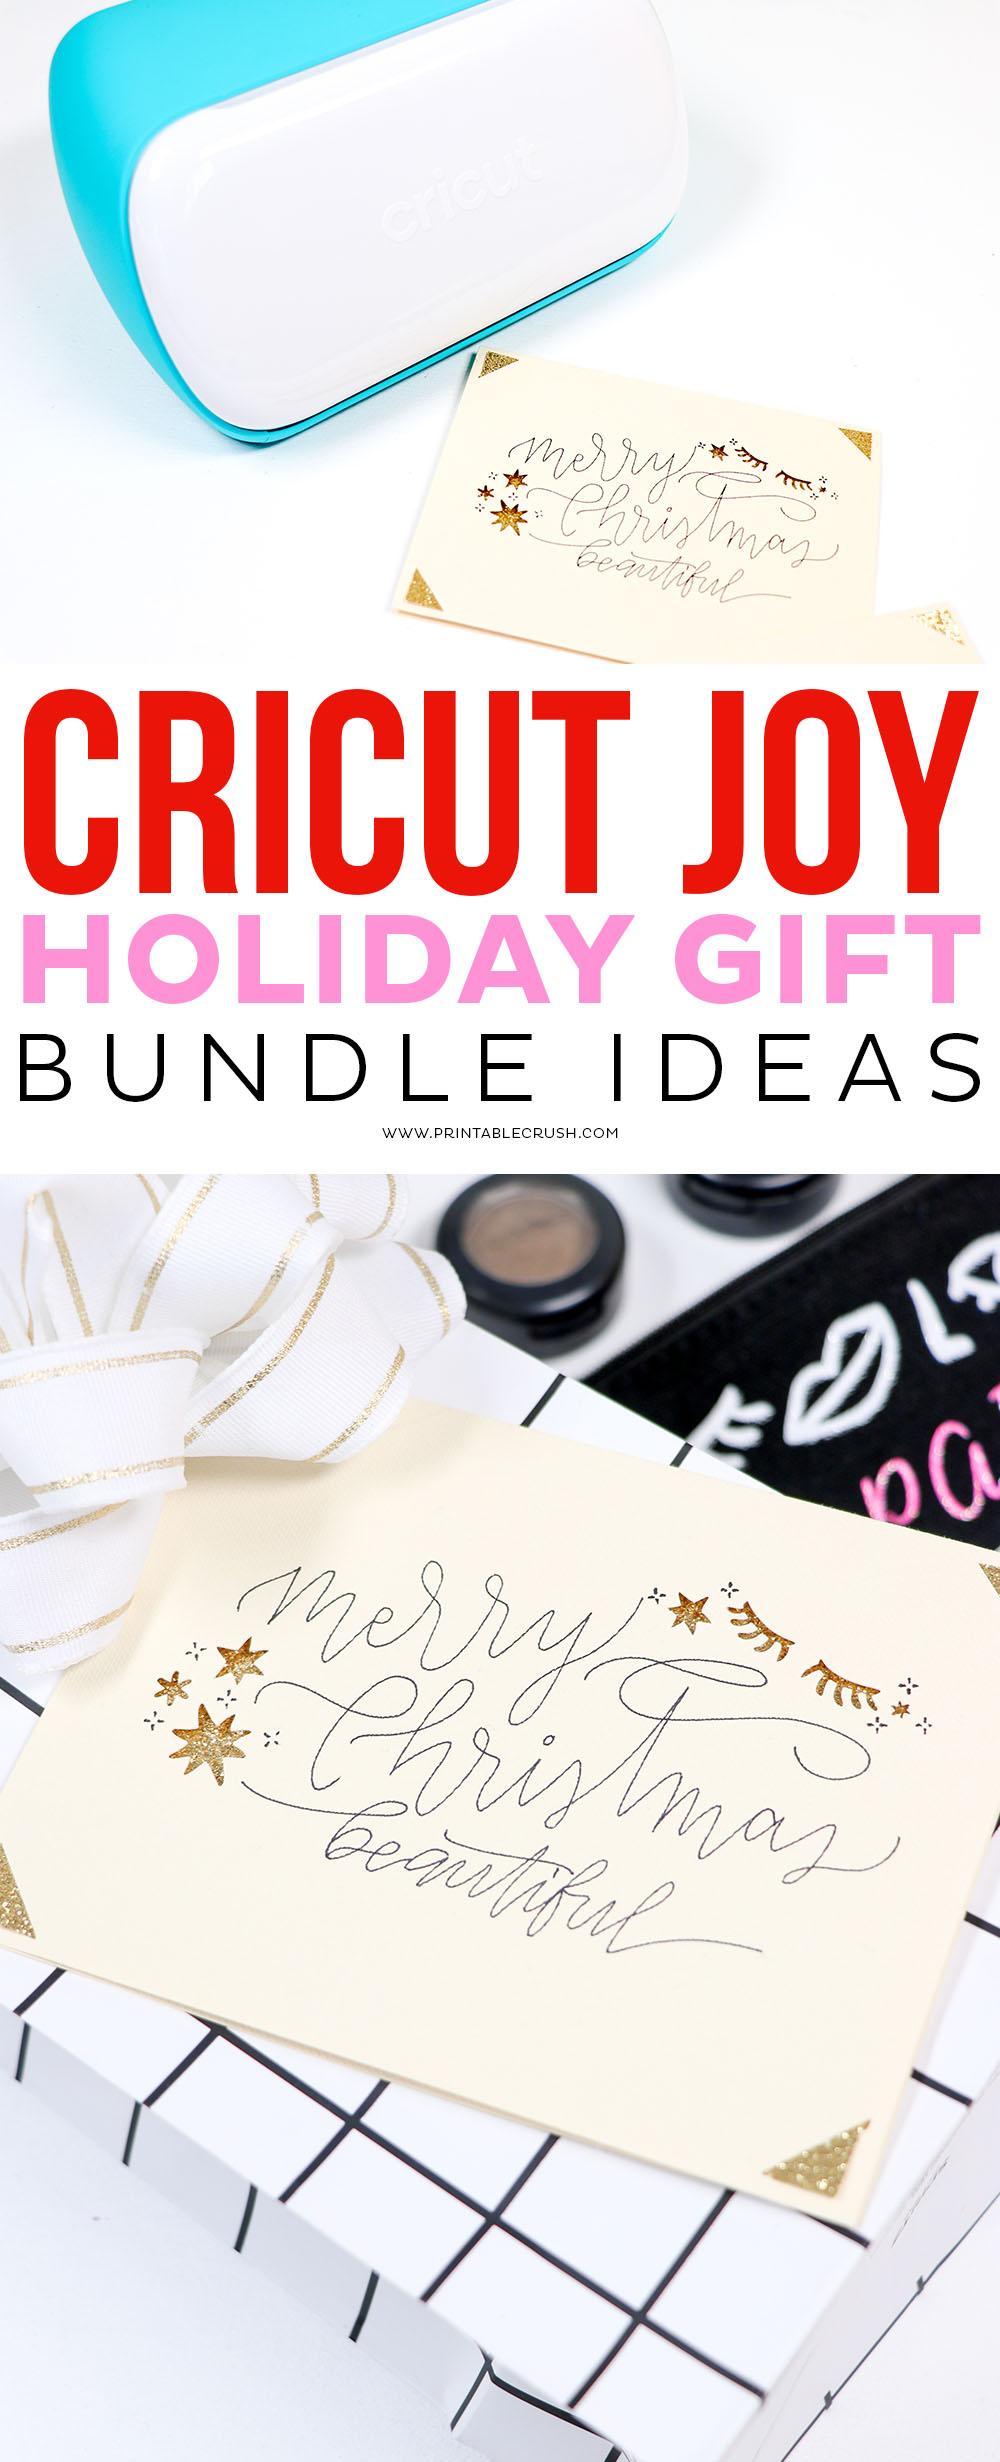 Cricut Joy Gift Guide - Cricut Holiday Gifts - Cricut Christmas Gifts - Cricut Gift Guide - Printable Crush #giftguide #craftgiftideas #cricut via @printablecrush